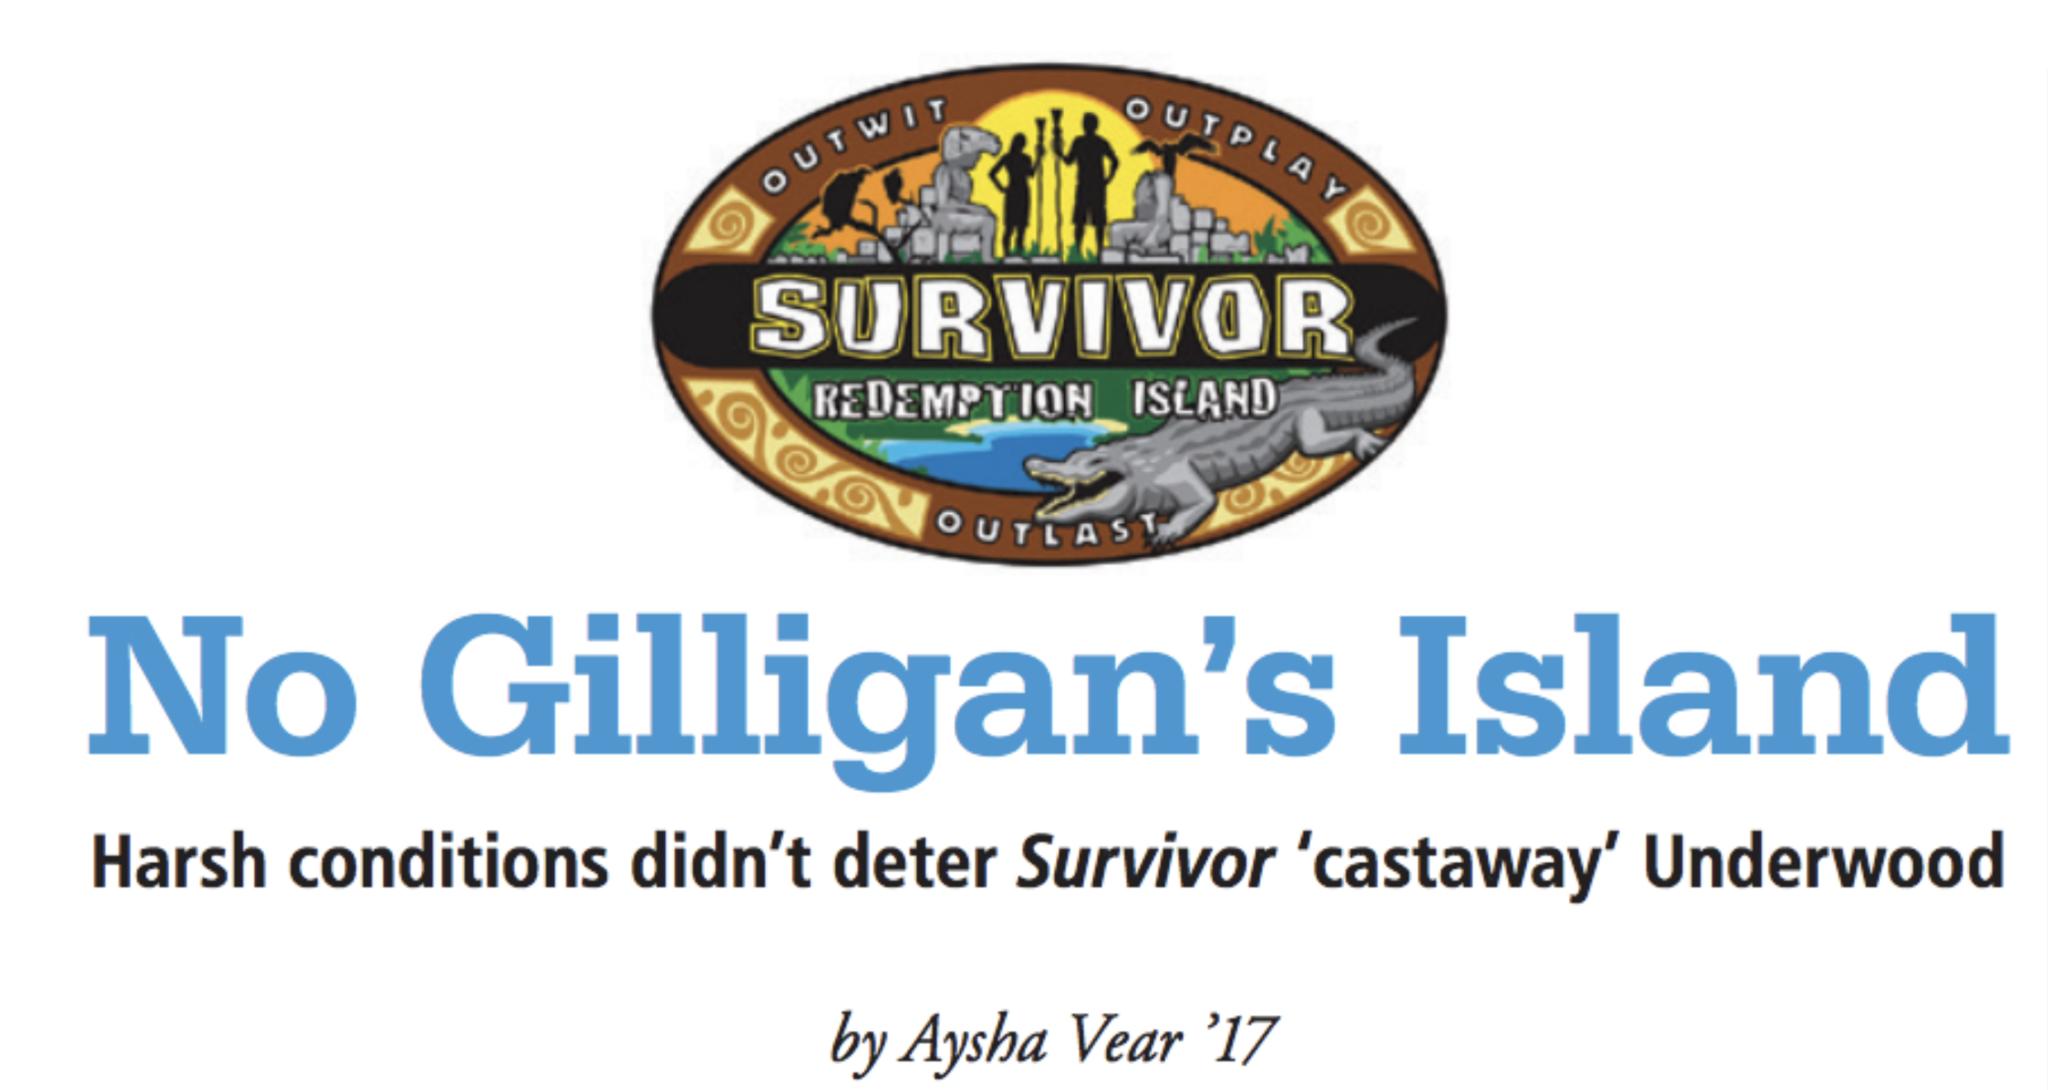 No Gilligan's Island